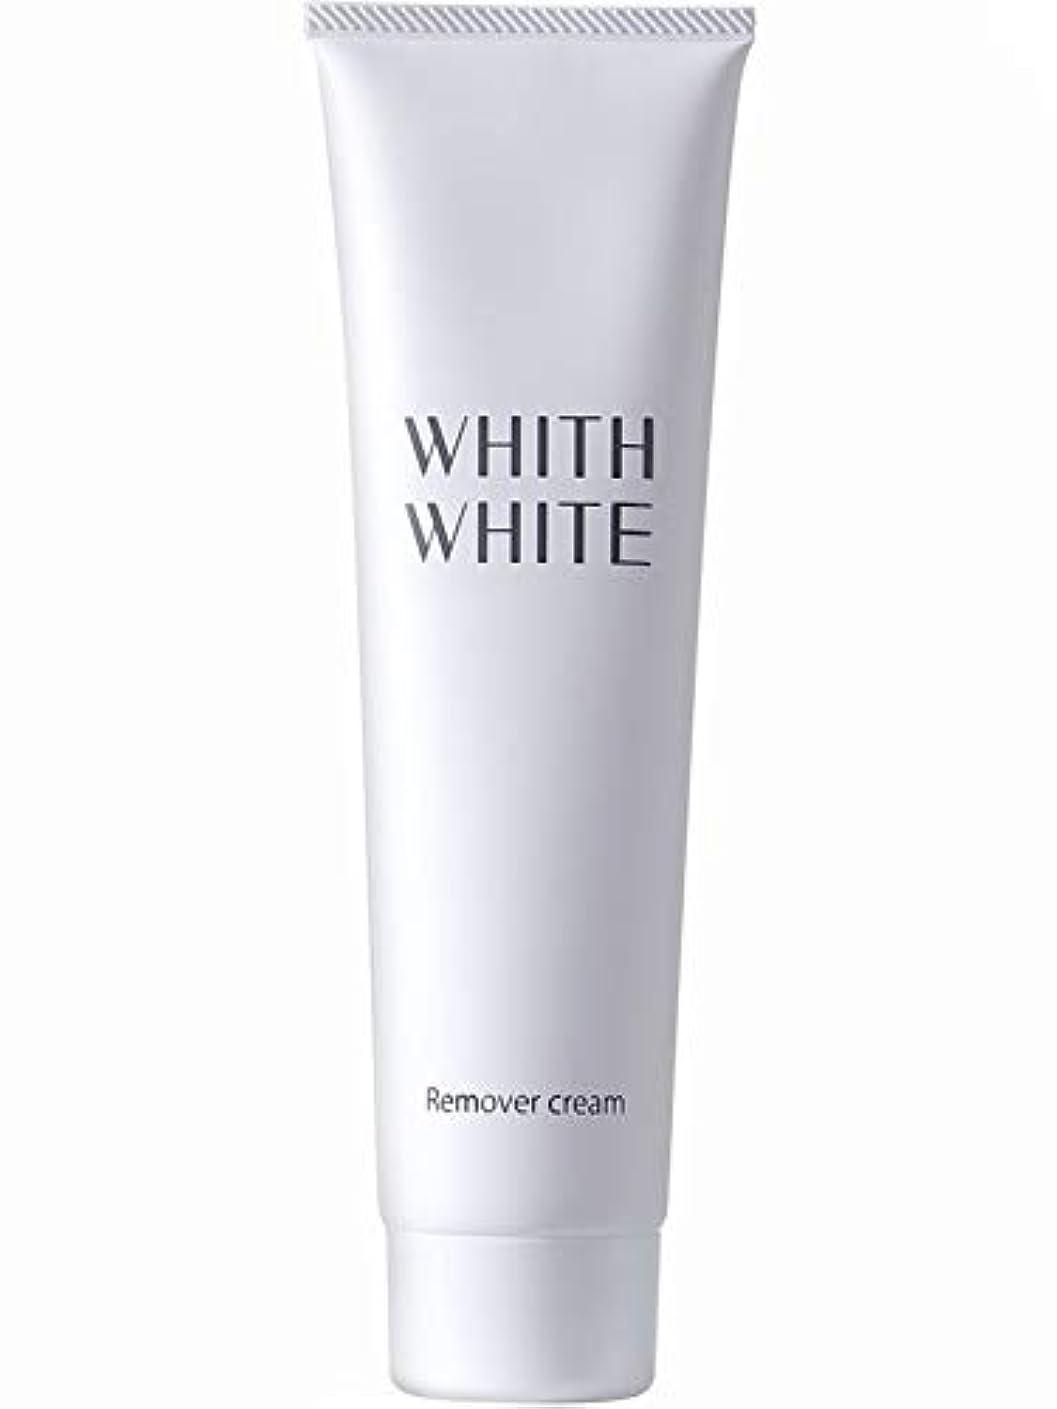 見込み名前でゲージ【医薬部外品】 WHITH WHITE(フィス ホワイト) 除毛クリーム 150g 陰部 使用可能